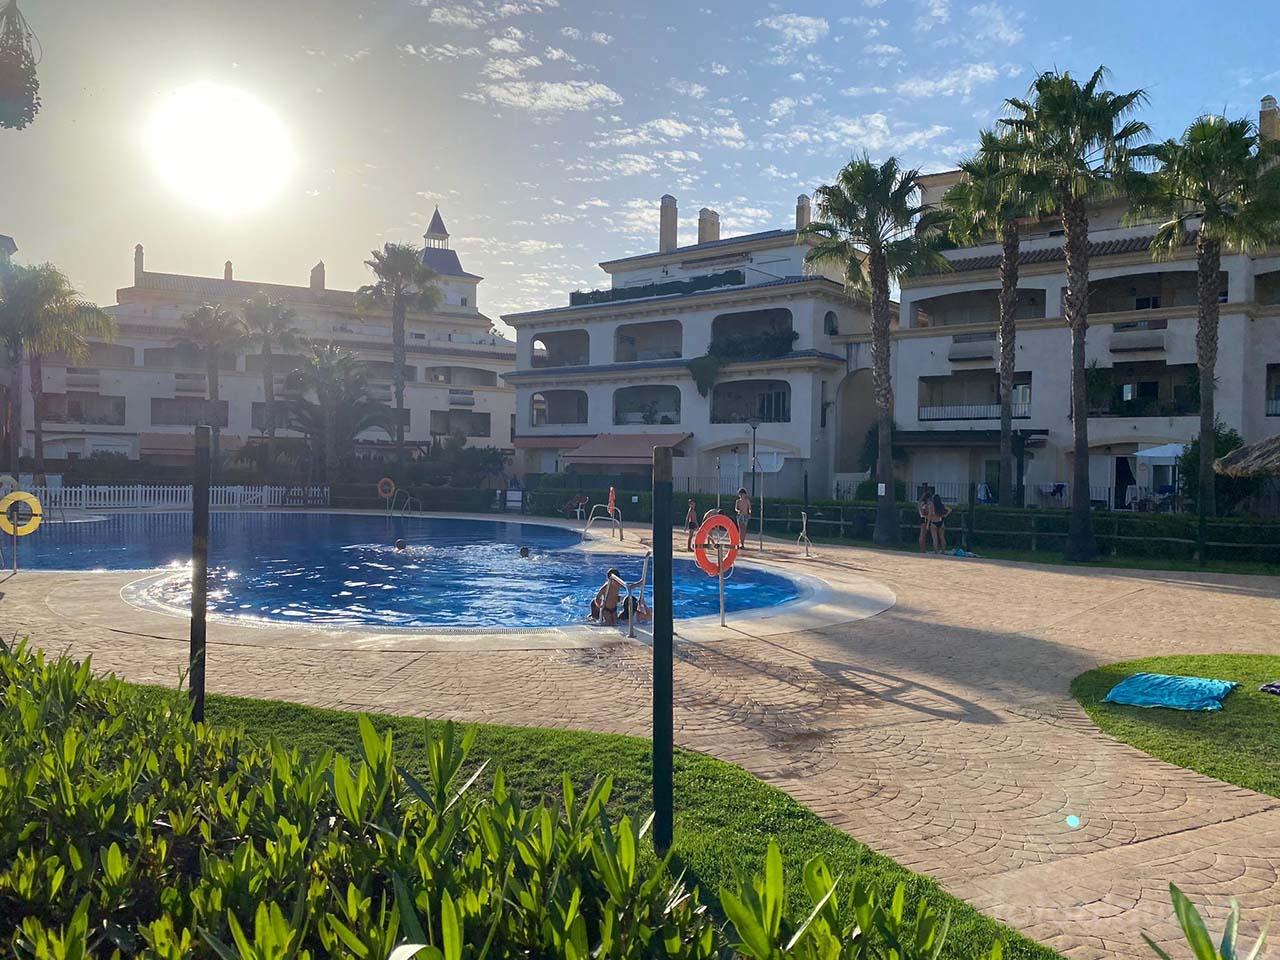 Alquiler chalet con jardín privado en Costa Ballena, Rota, Urbanización Paraíso Playa Golf, Cádiz